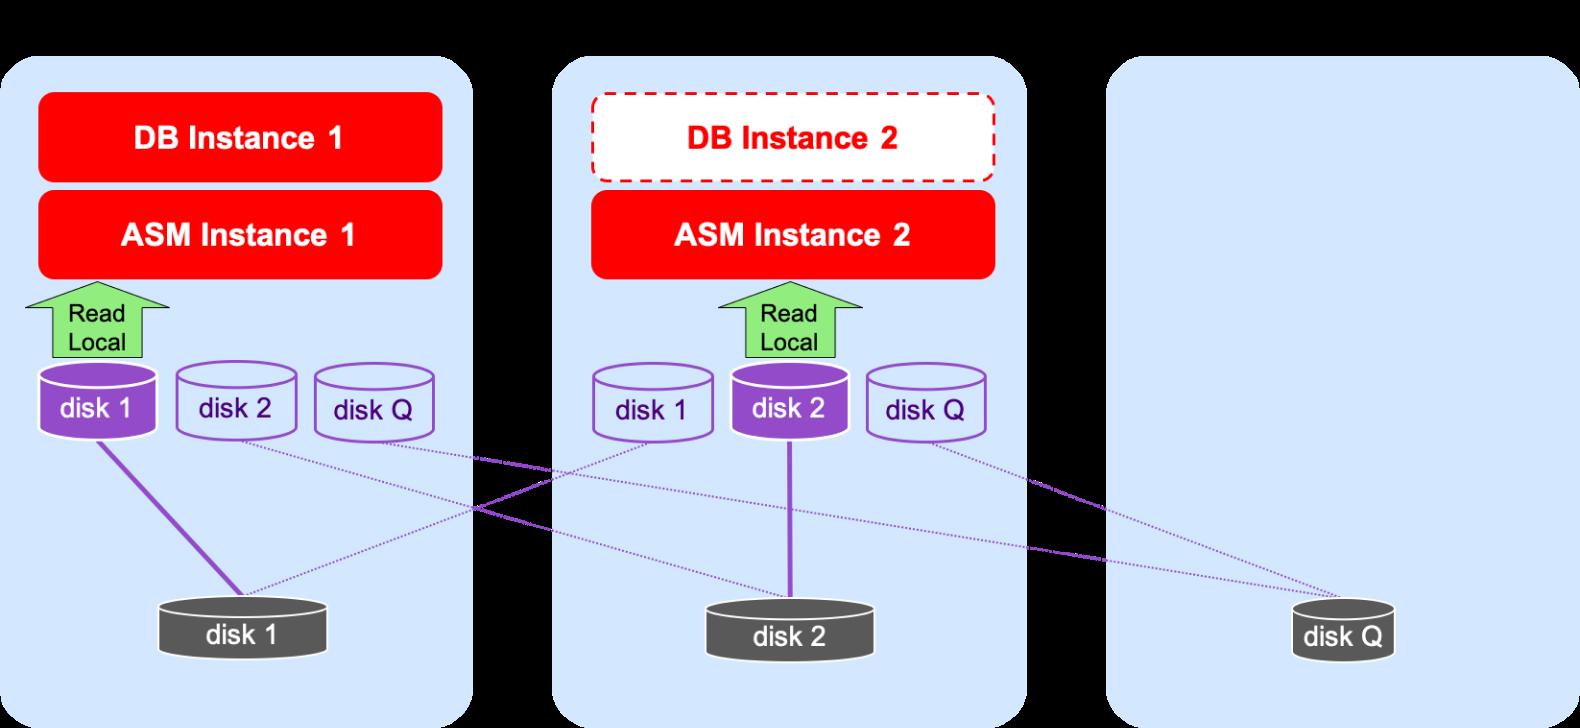 Oracle Azure on SE2 HA - Shared Storage Diagram